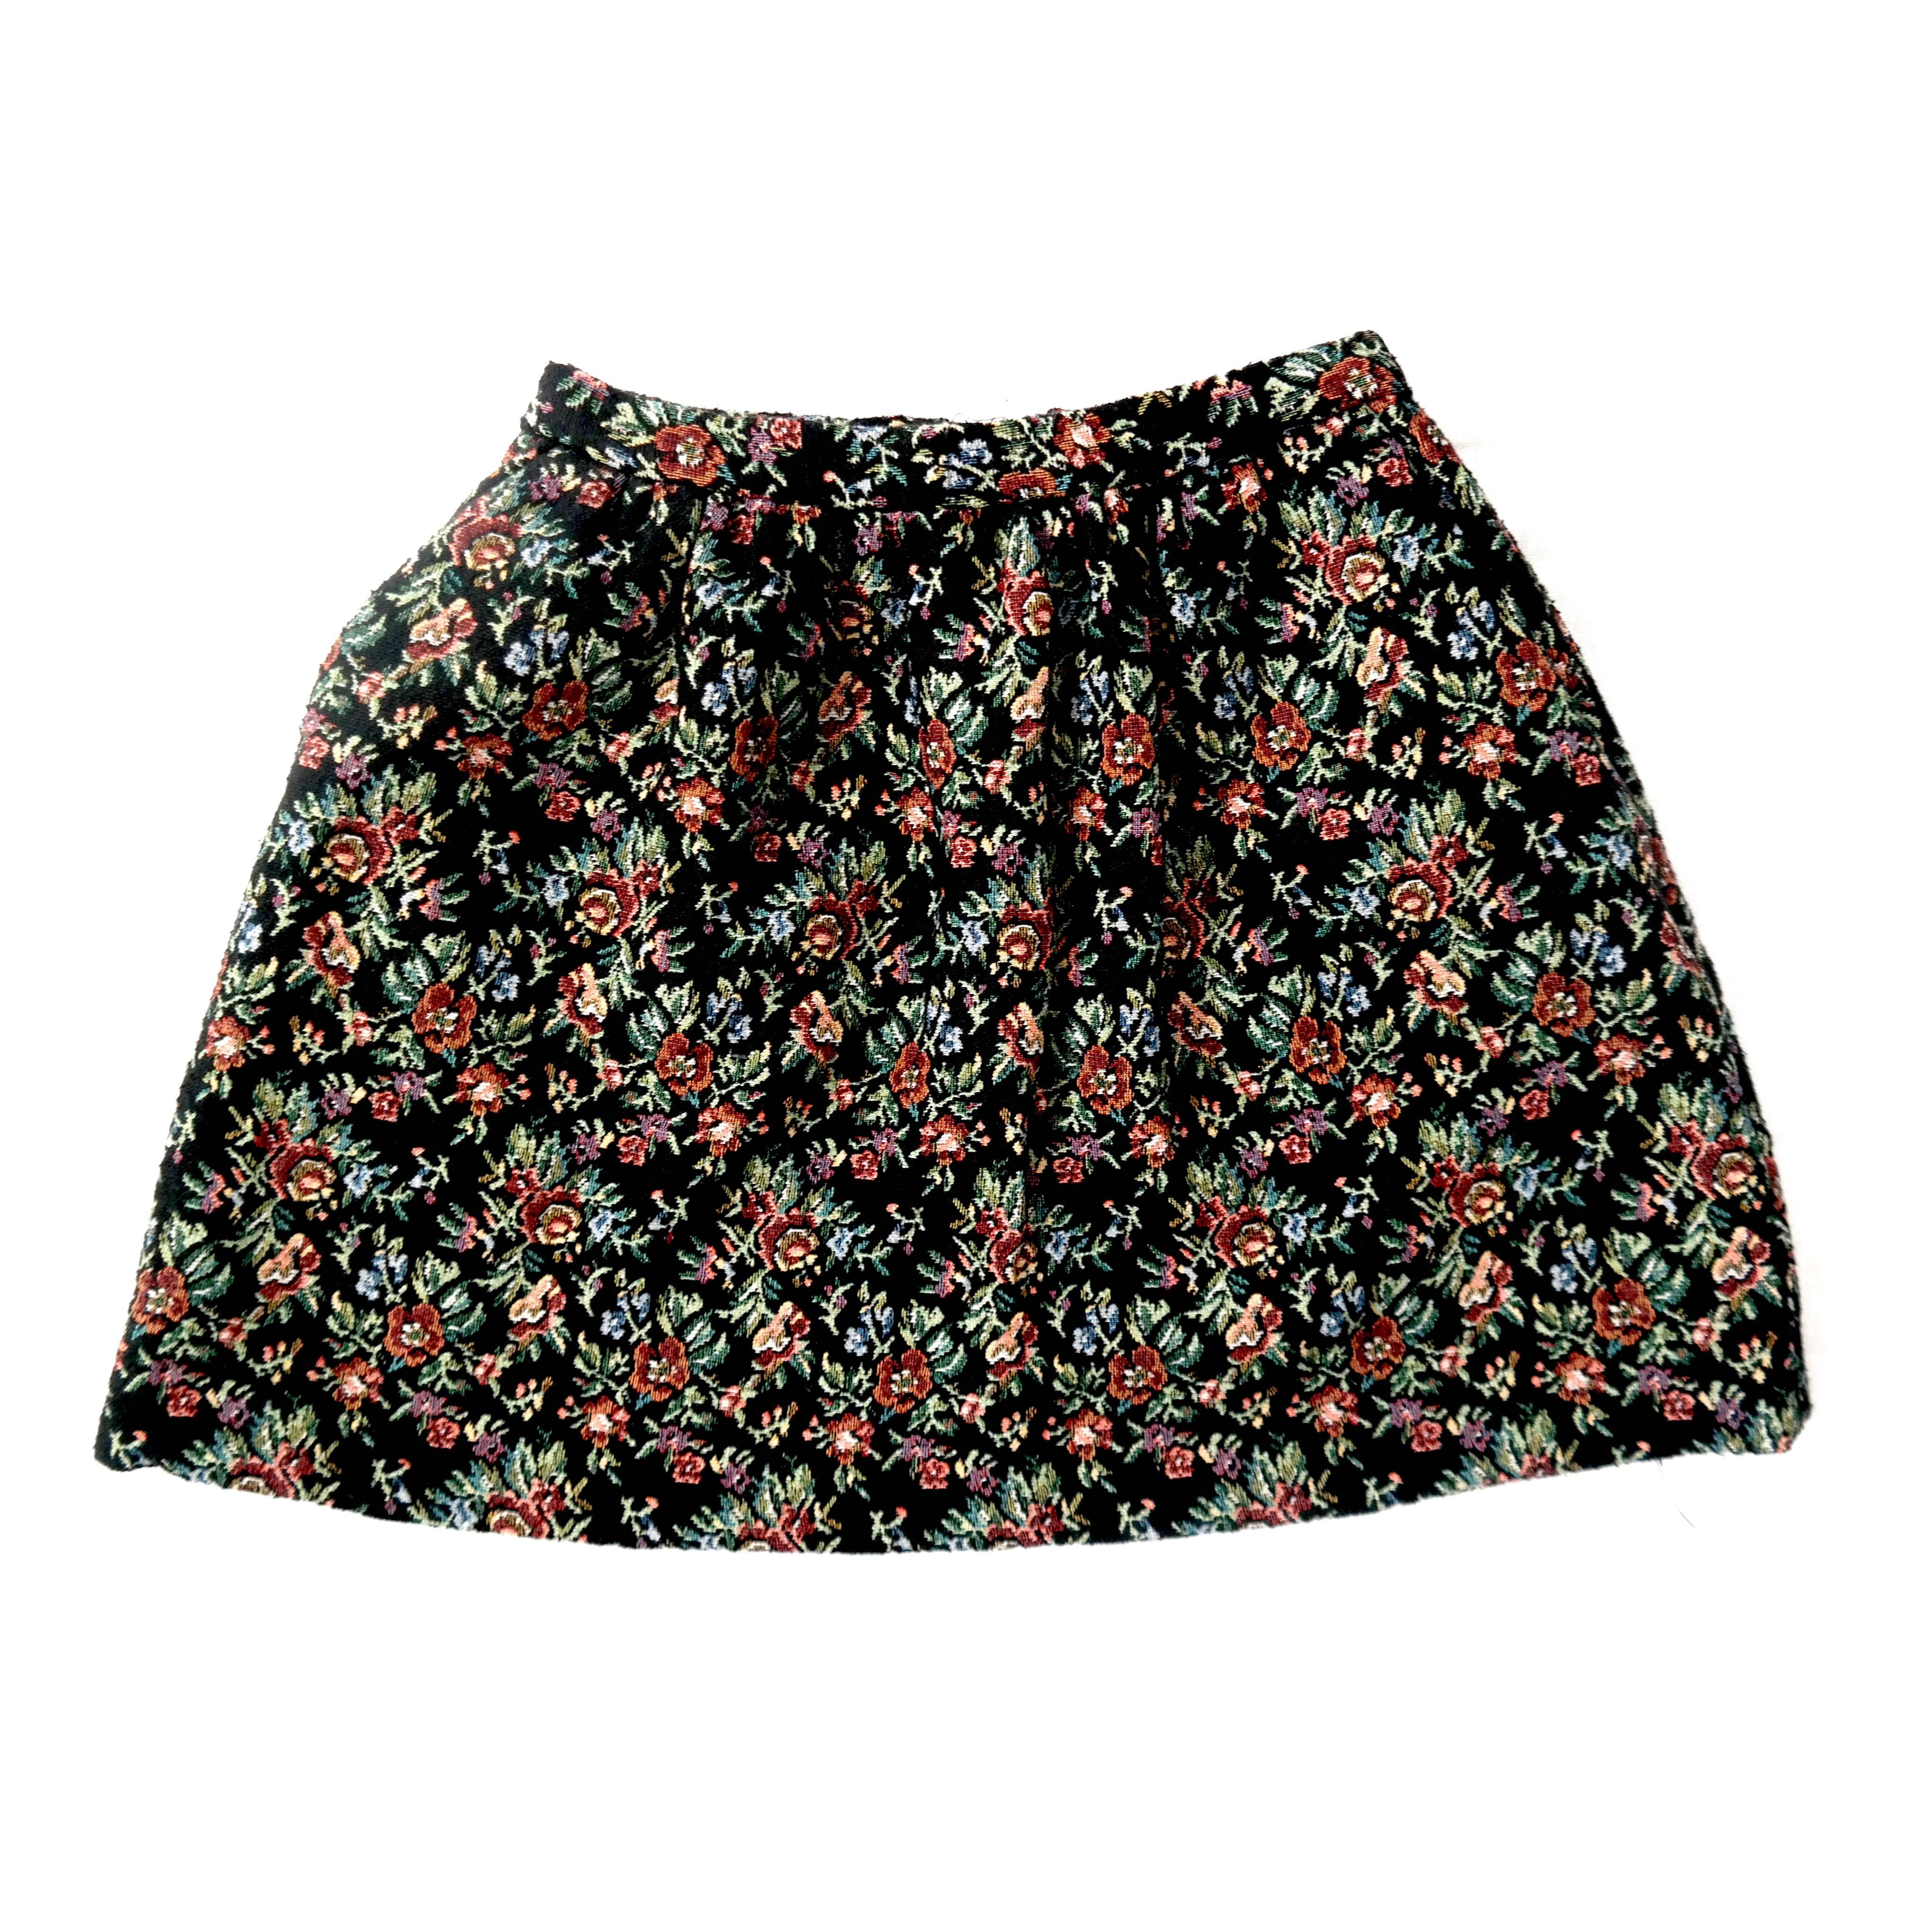 Женская мини-юбка с цветочным принтом в Москве